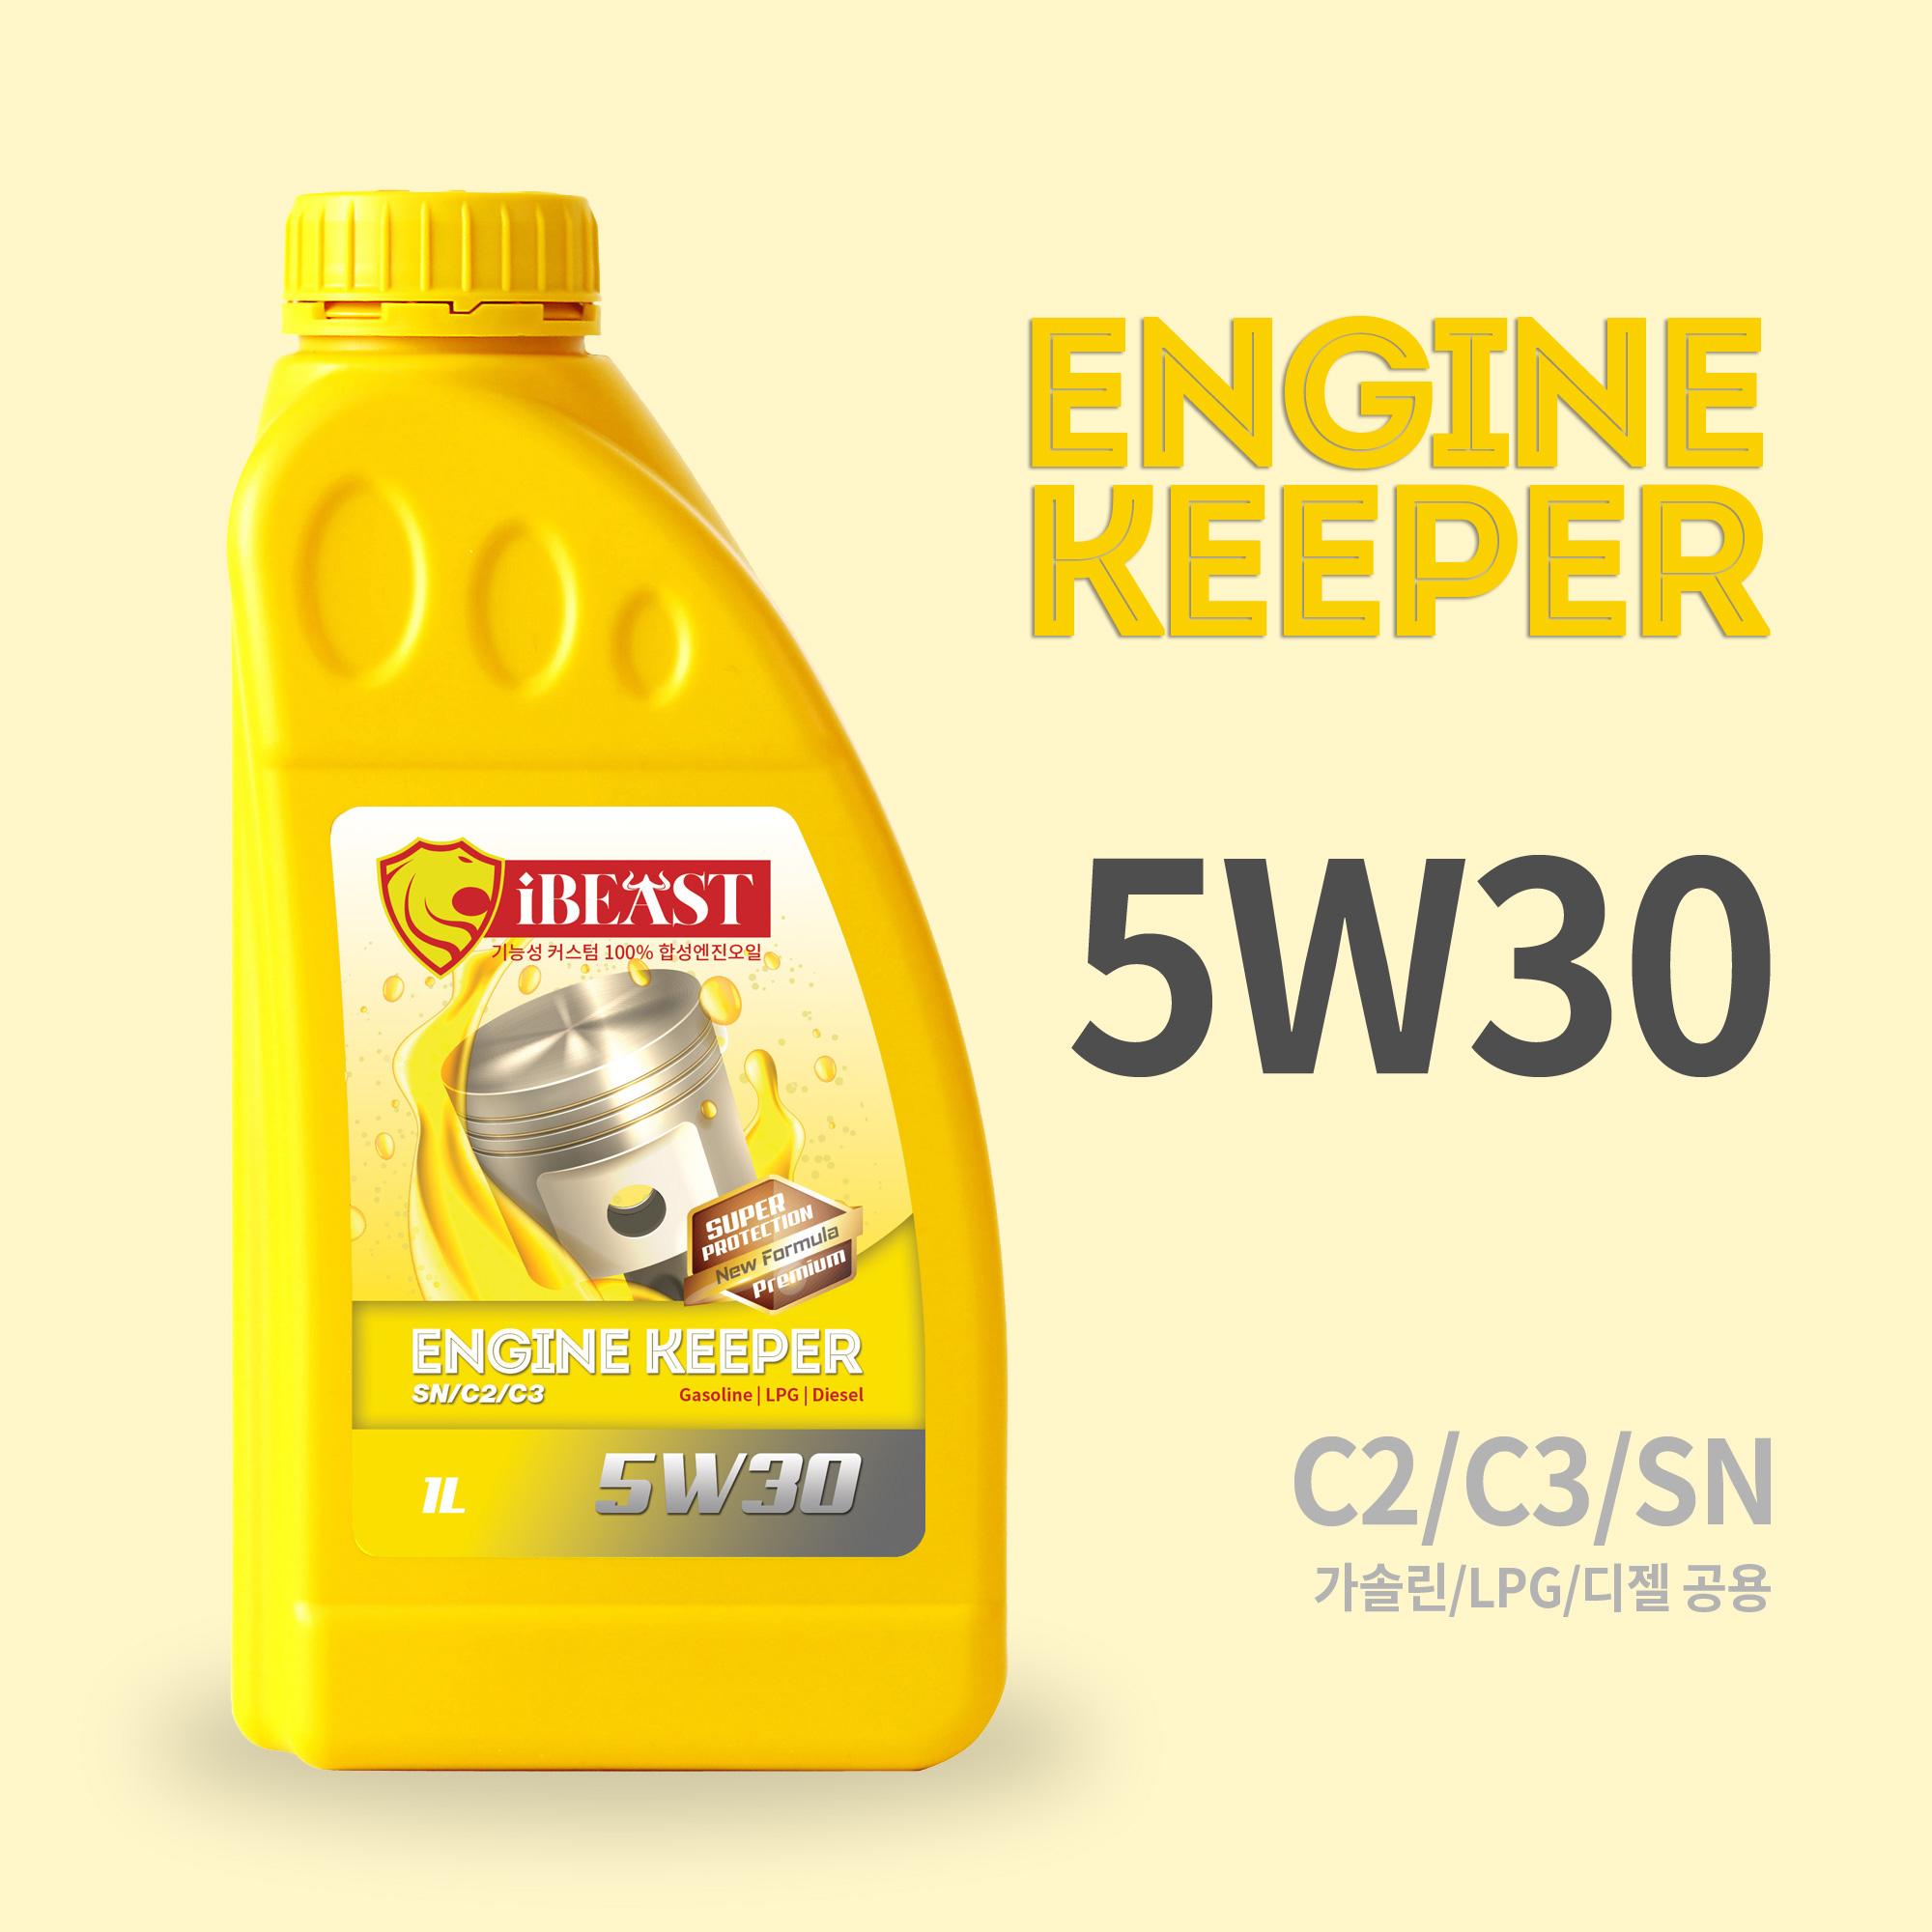 아이비스트 엔진키퍼 5W30 엔진오일합성유 겸용 엔진오일, 1개